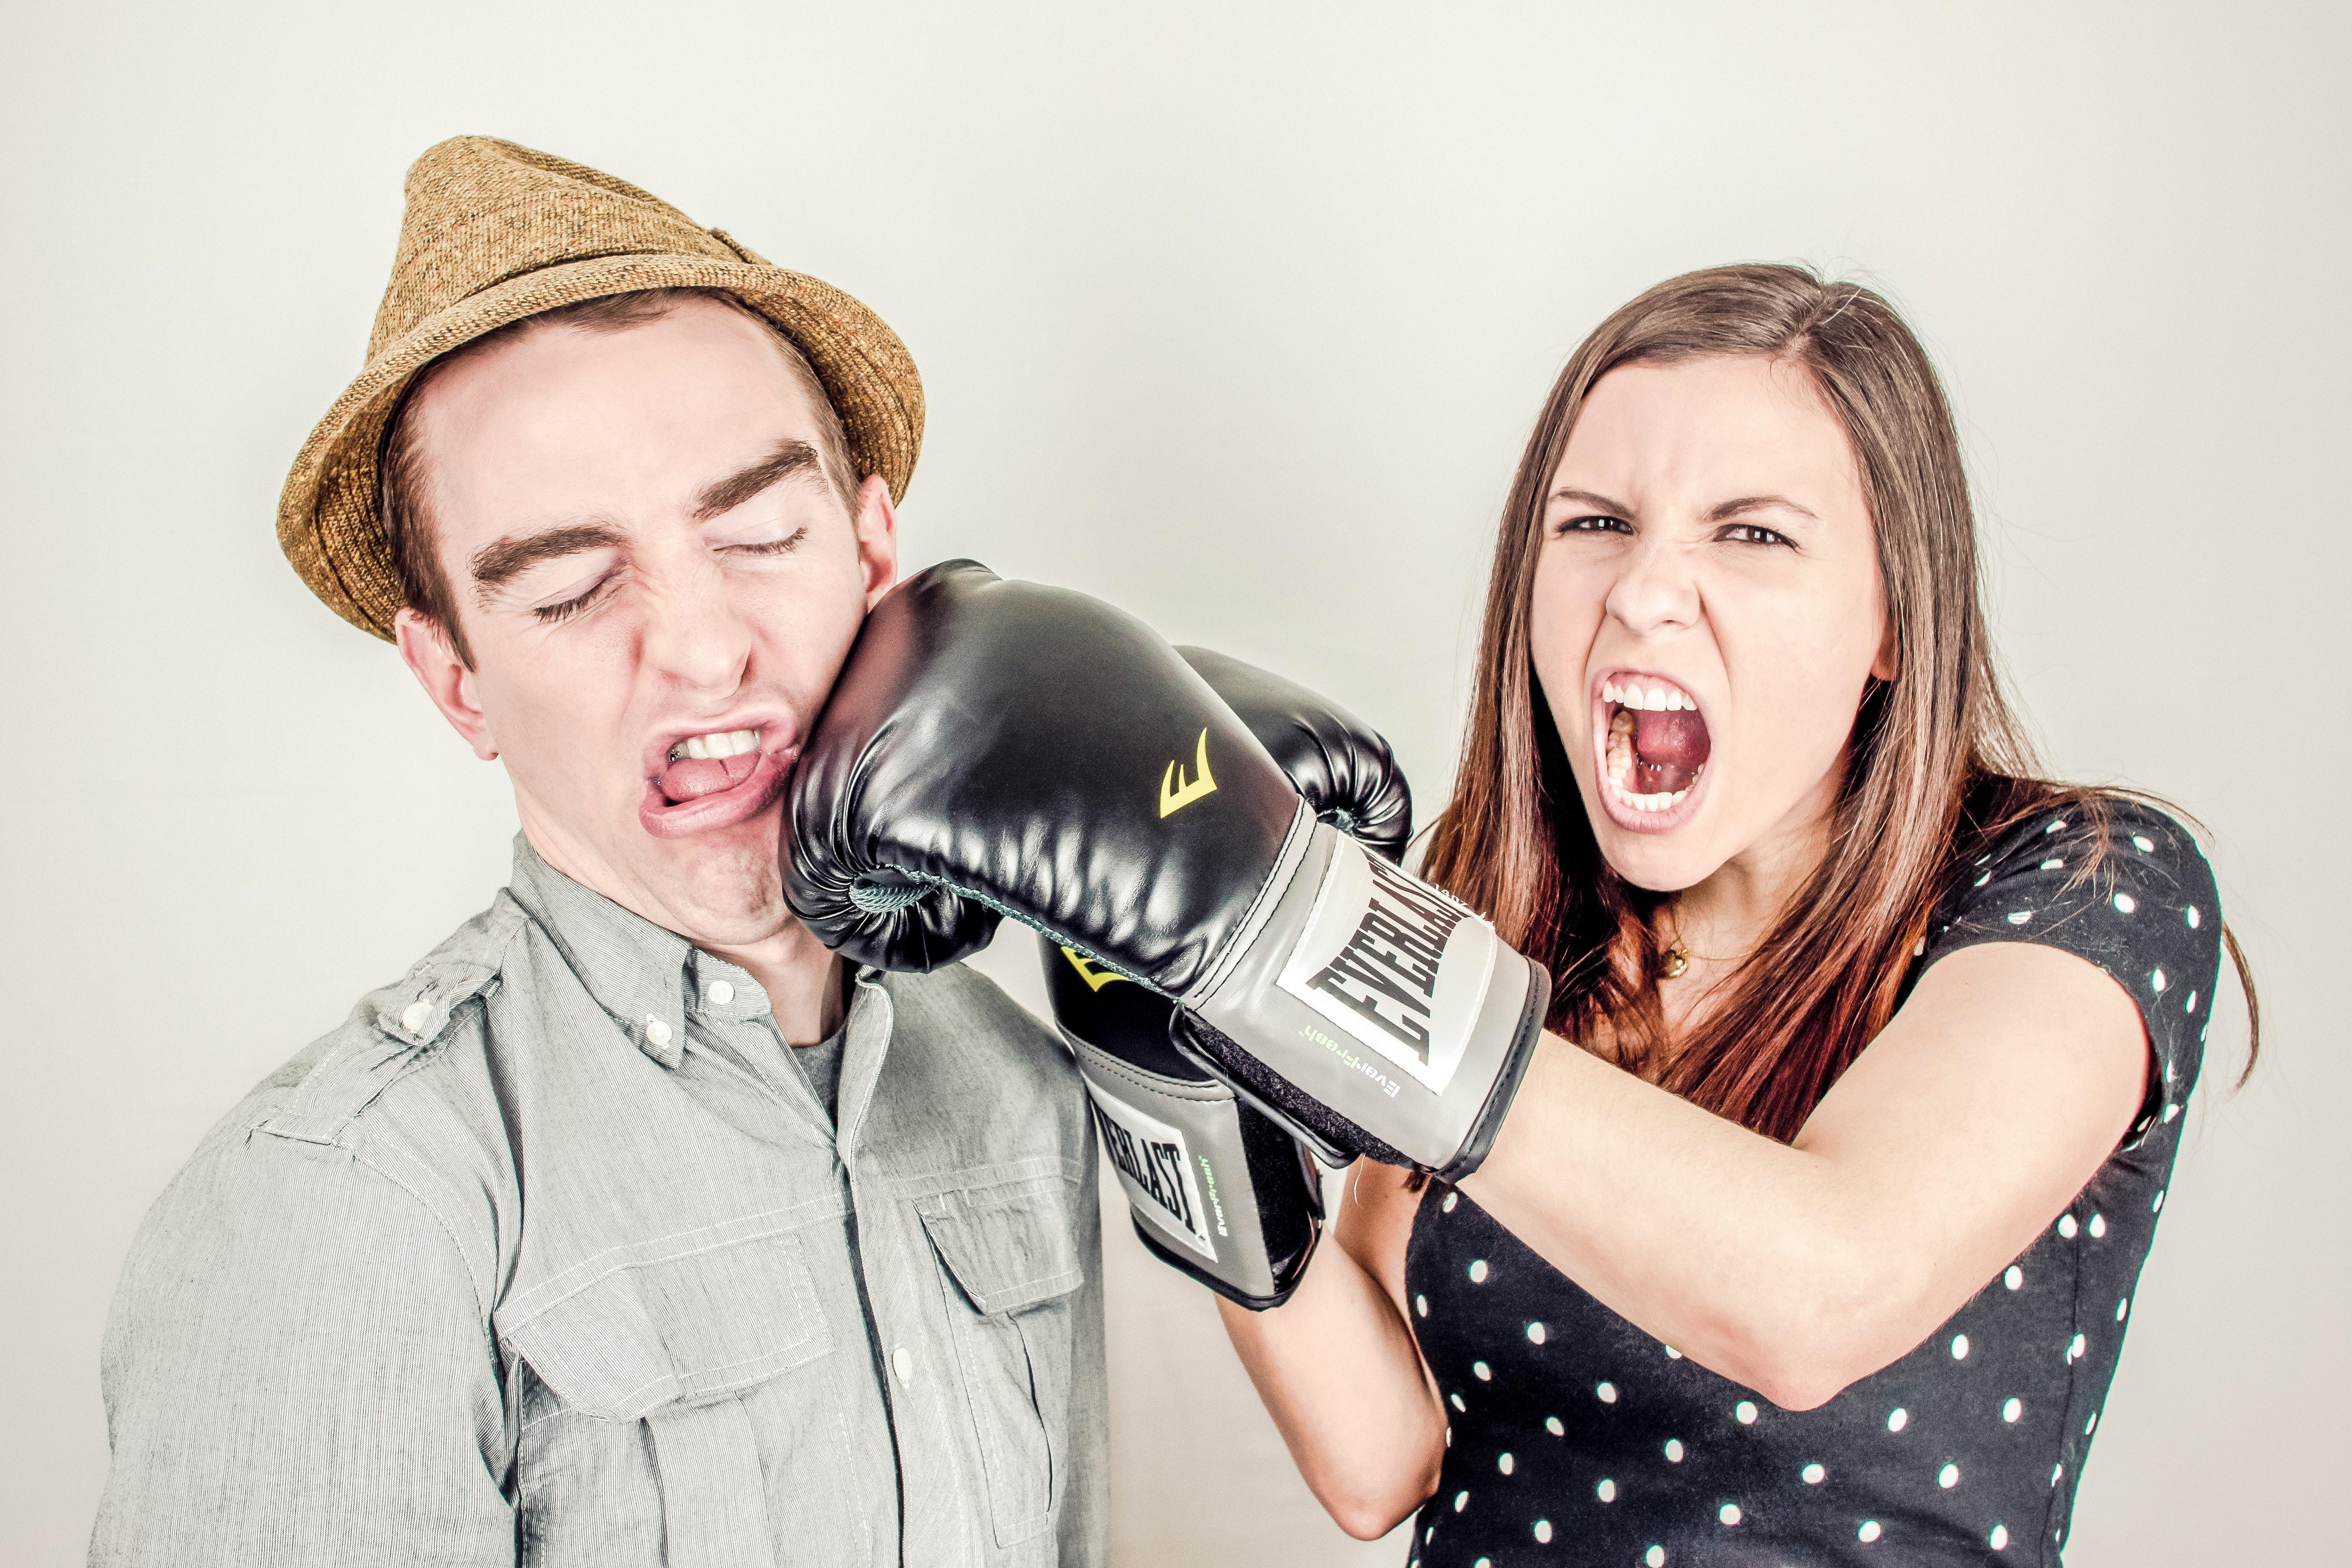 הזוגיות במשבר – מפגשים אישיים לזוגות